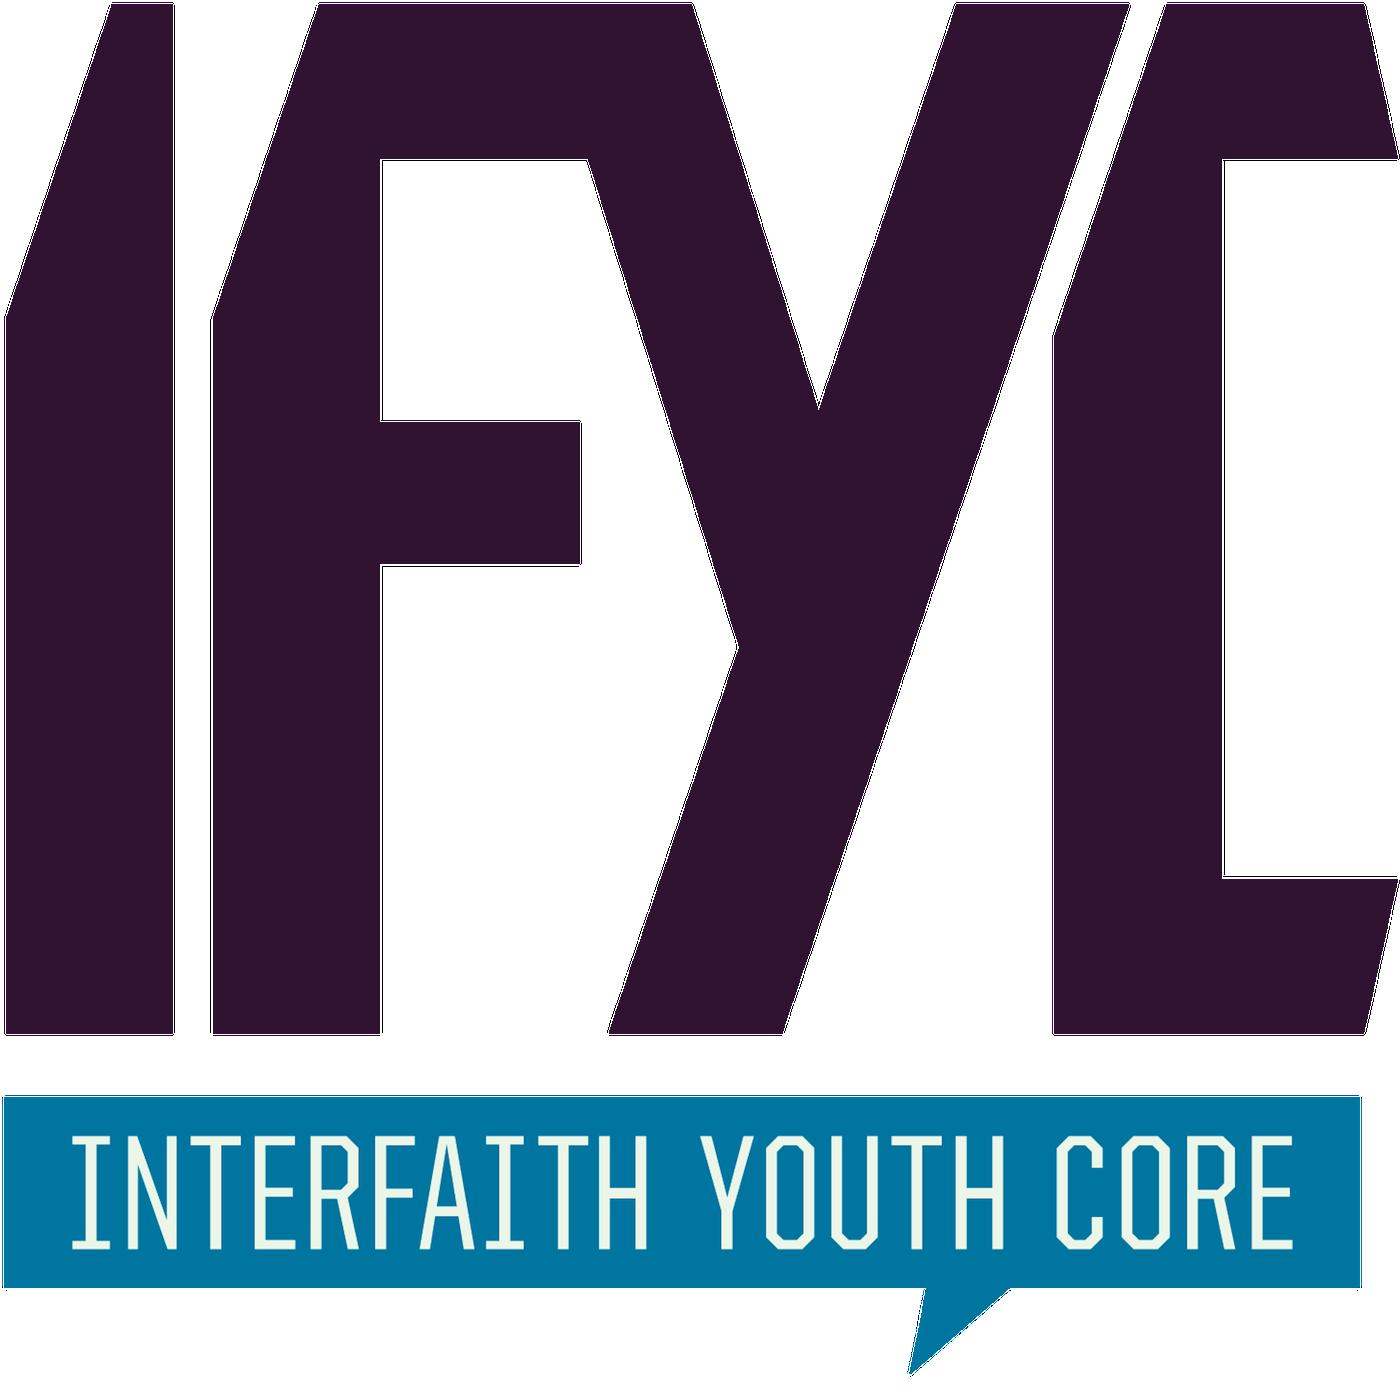 Ifyc logo large